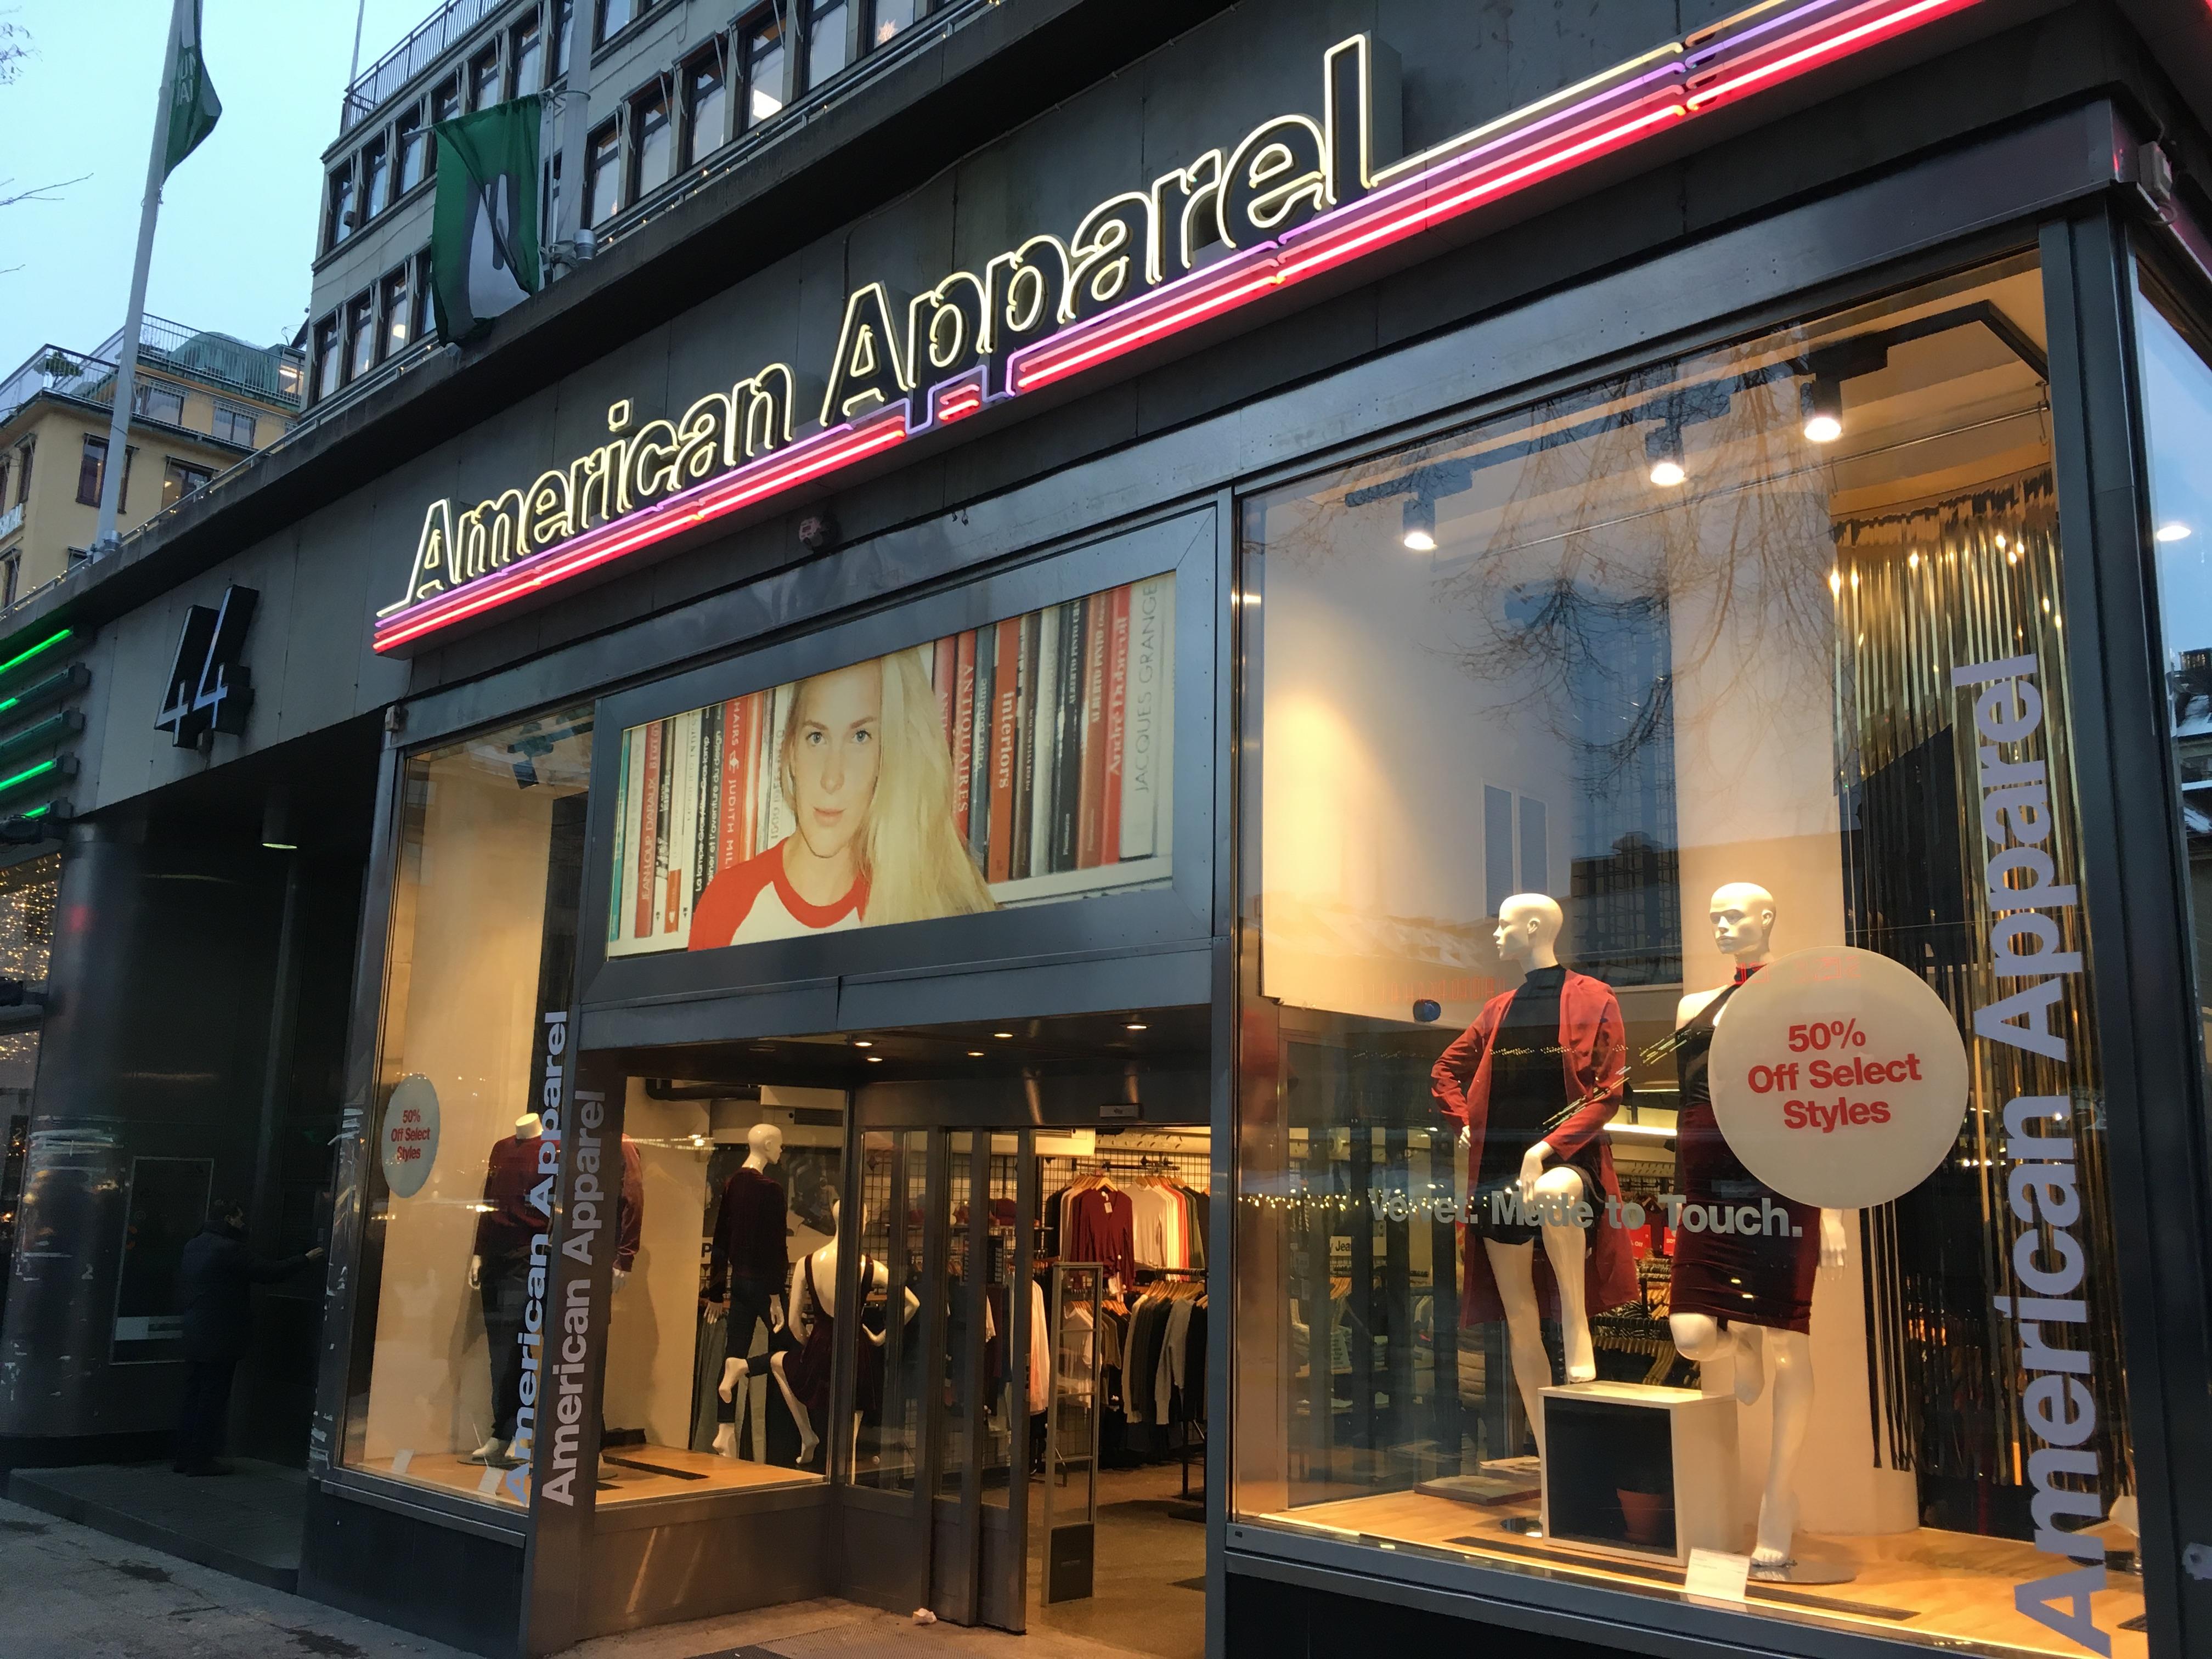 Fa butiker kan hantera hot och vald 3